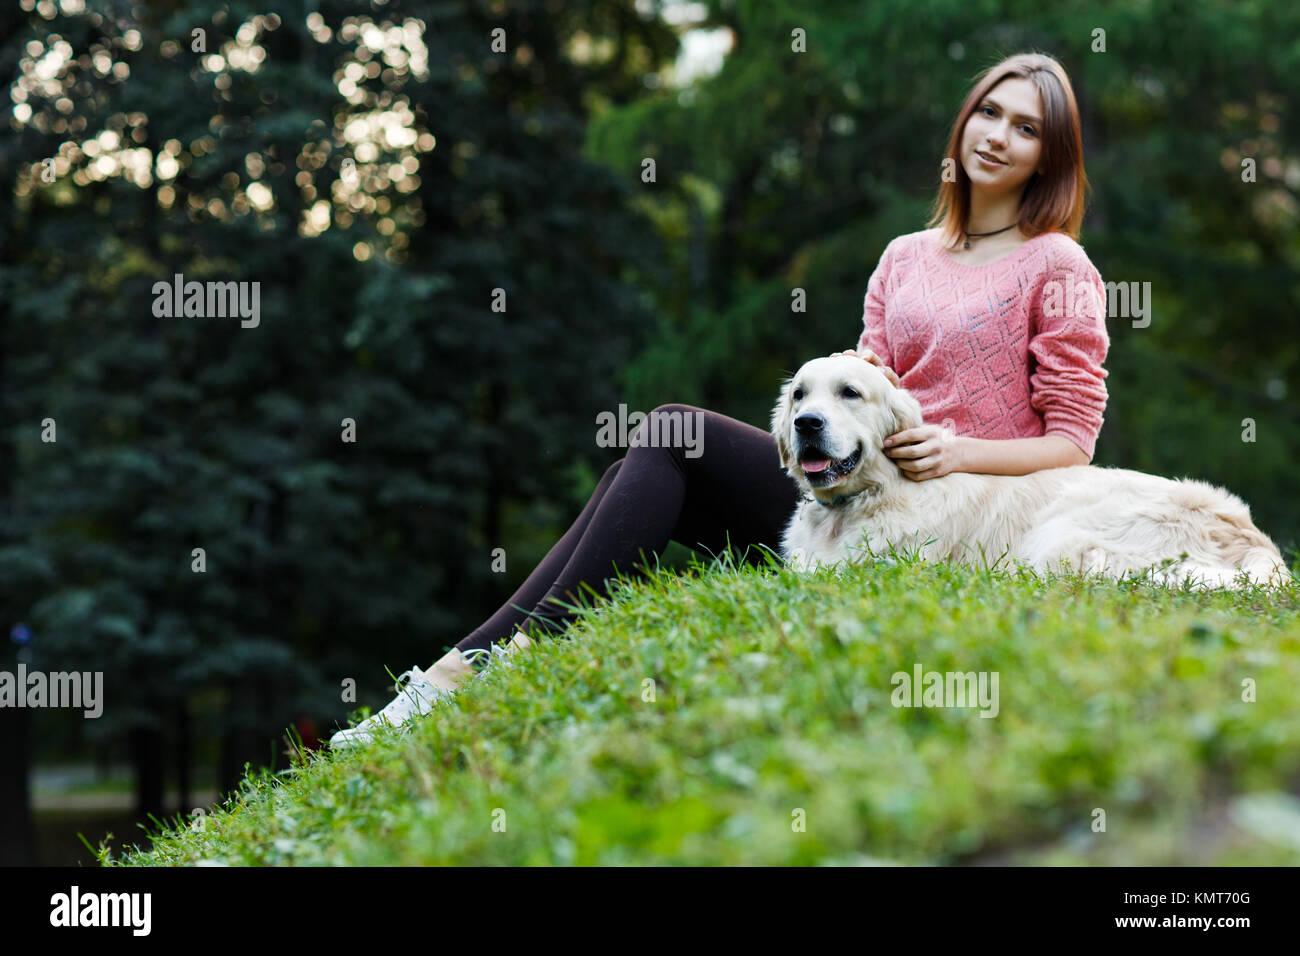 Foto von unten der Brünette sitzen mit Hund auf dem grünen Rasen Stockbild